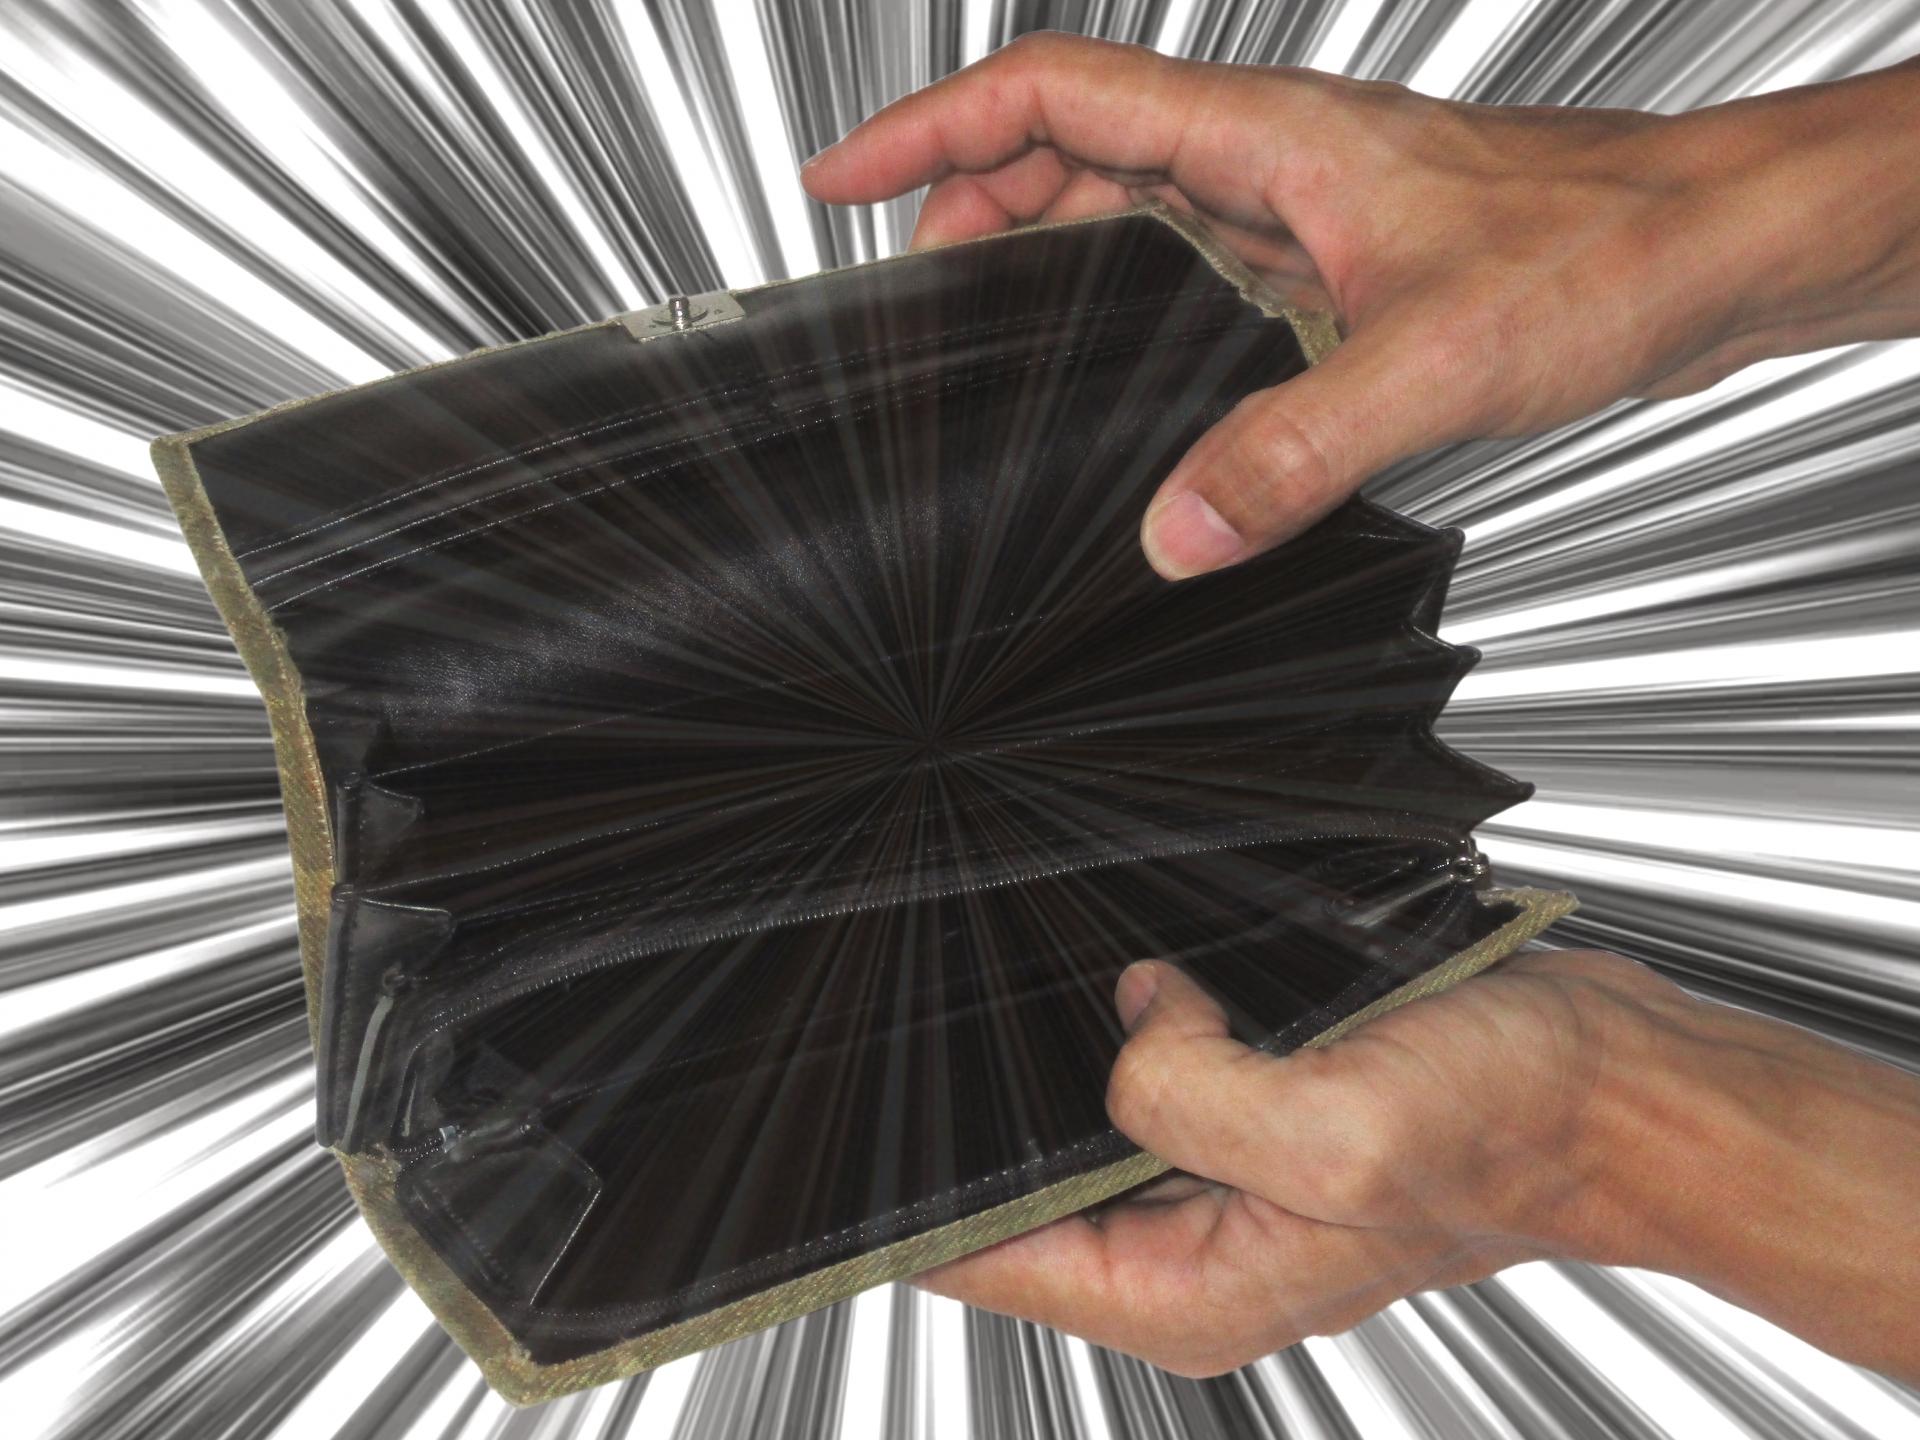 リフォーム費用が高額になる前に読んで!契約前に覚えておきたい予算の基礎知識